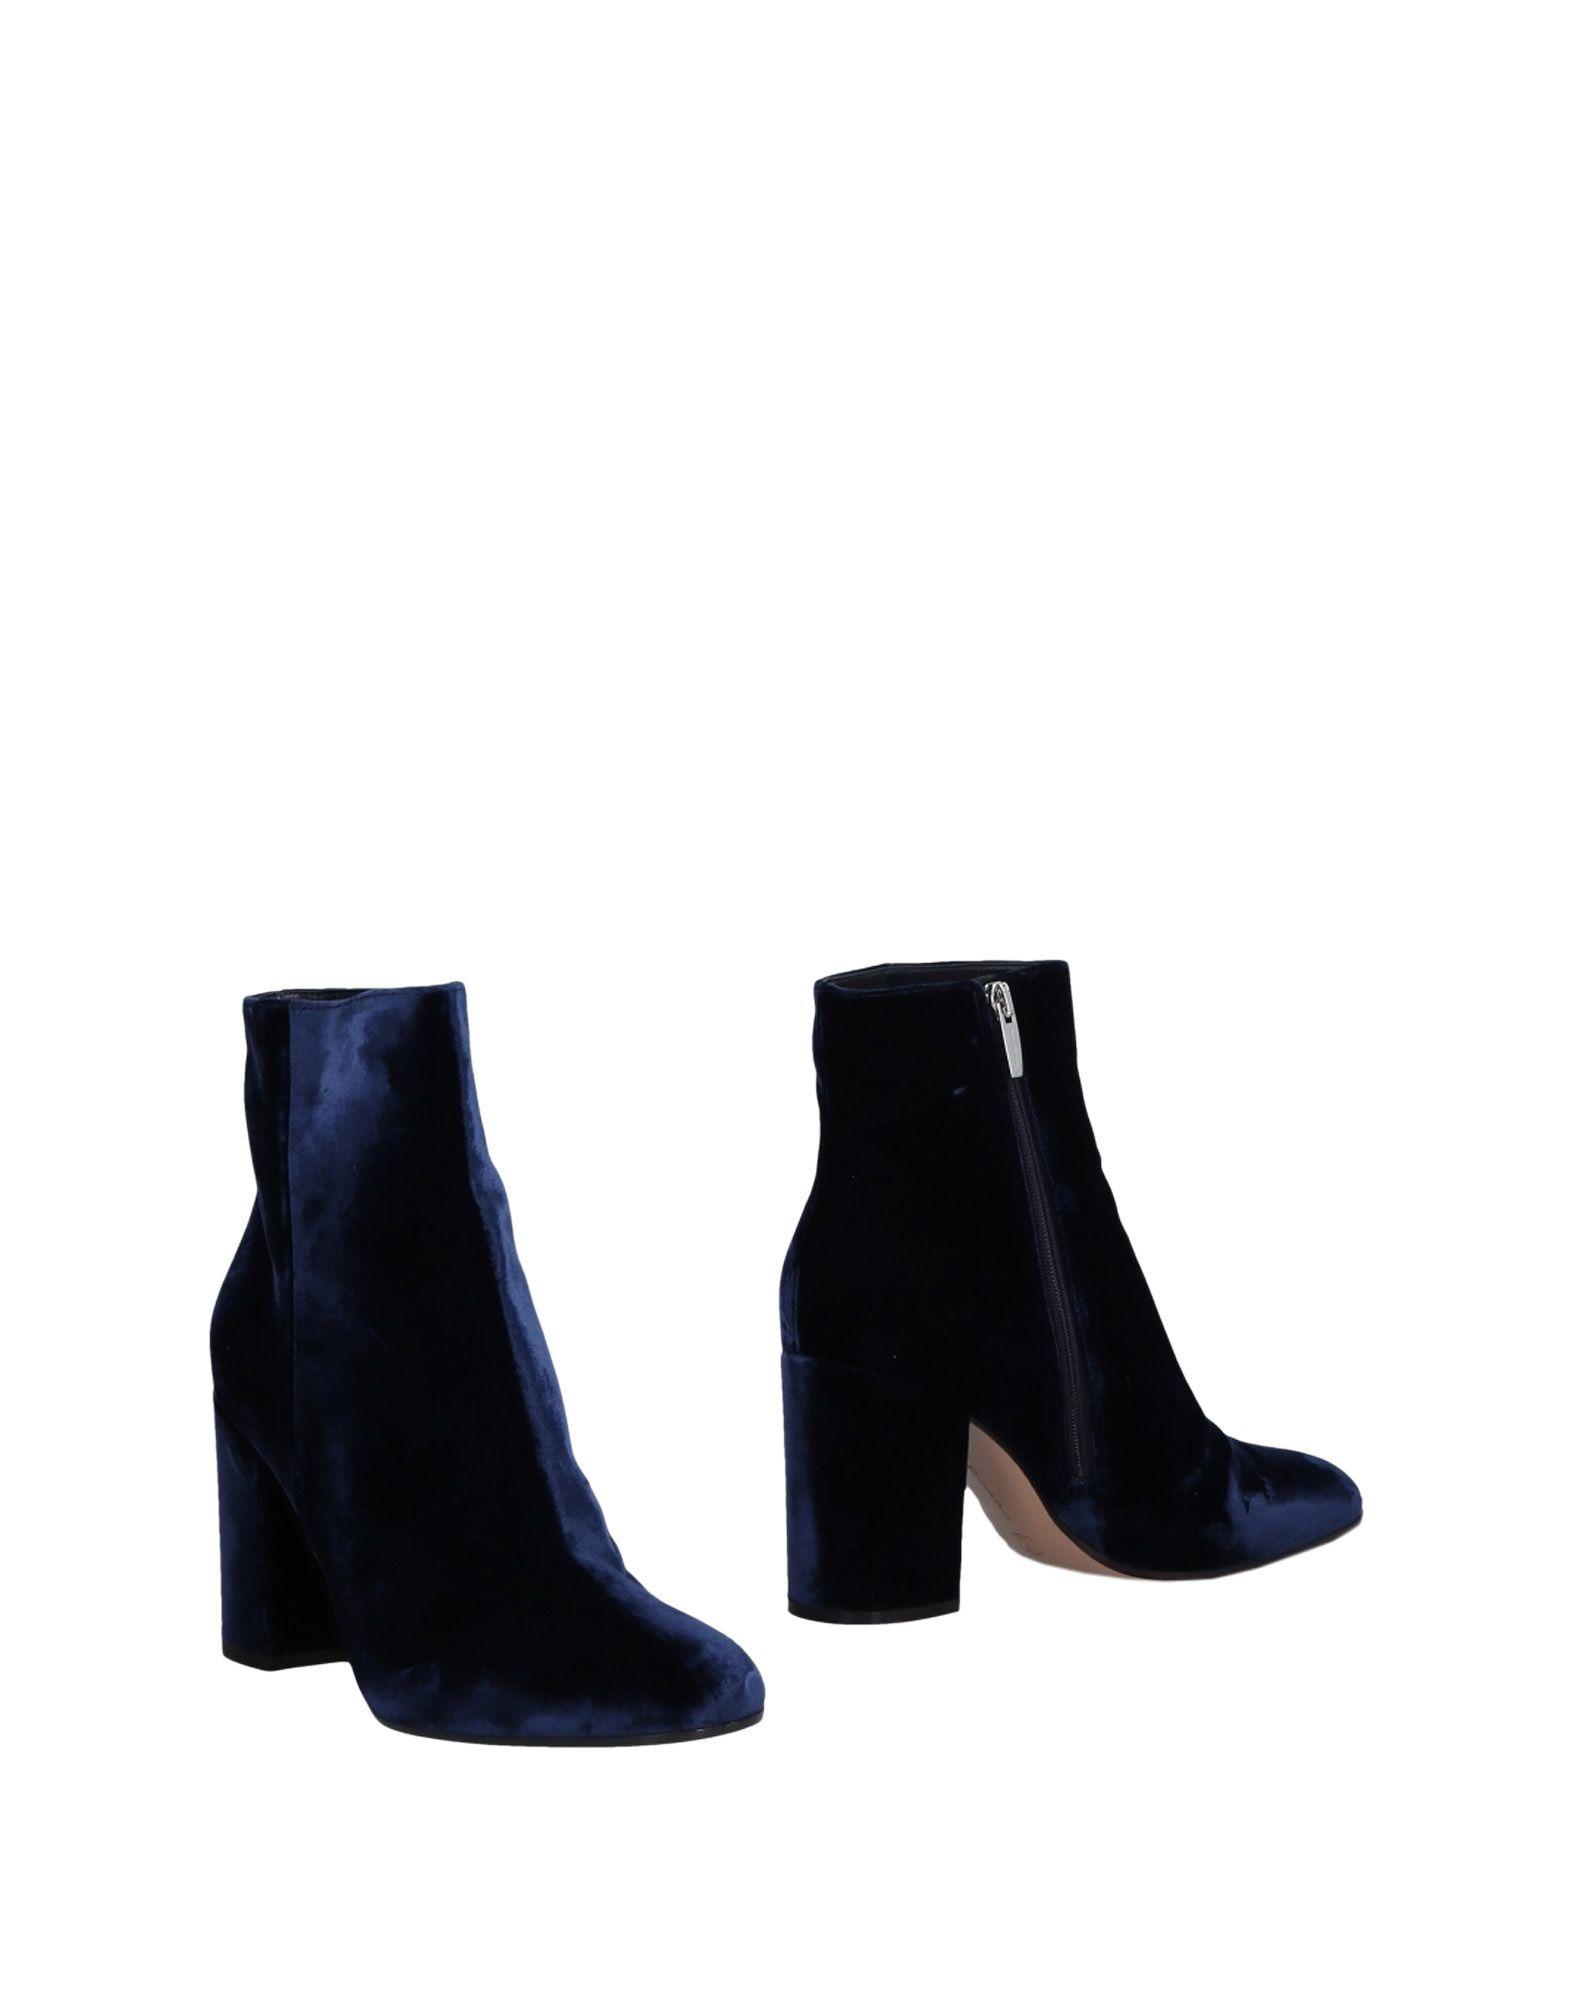 Gianvito Rossi Stiefelette Damen  11476382CIGünstige gut aussehende Schuhe